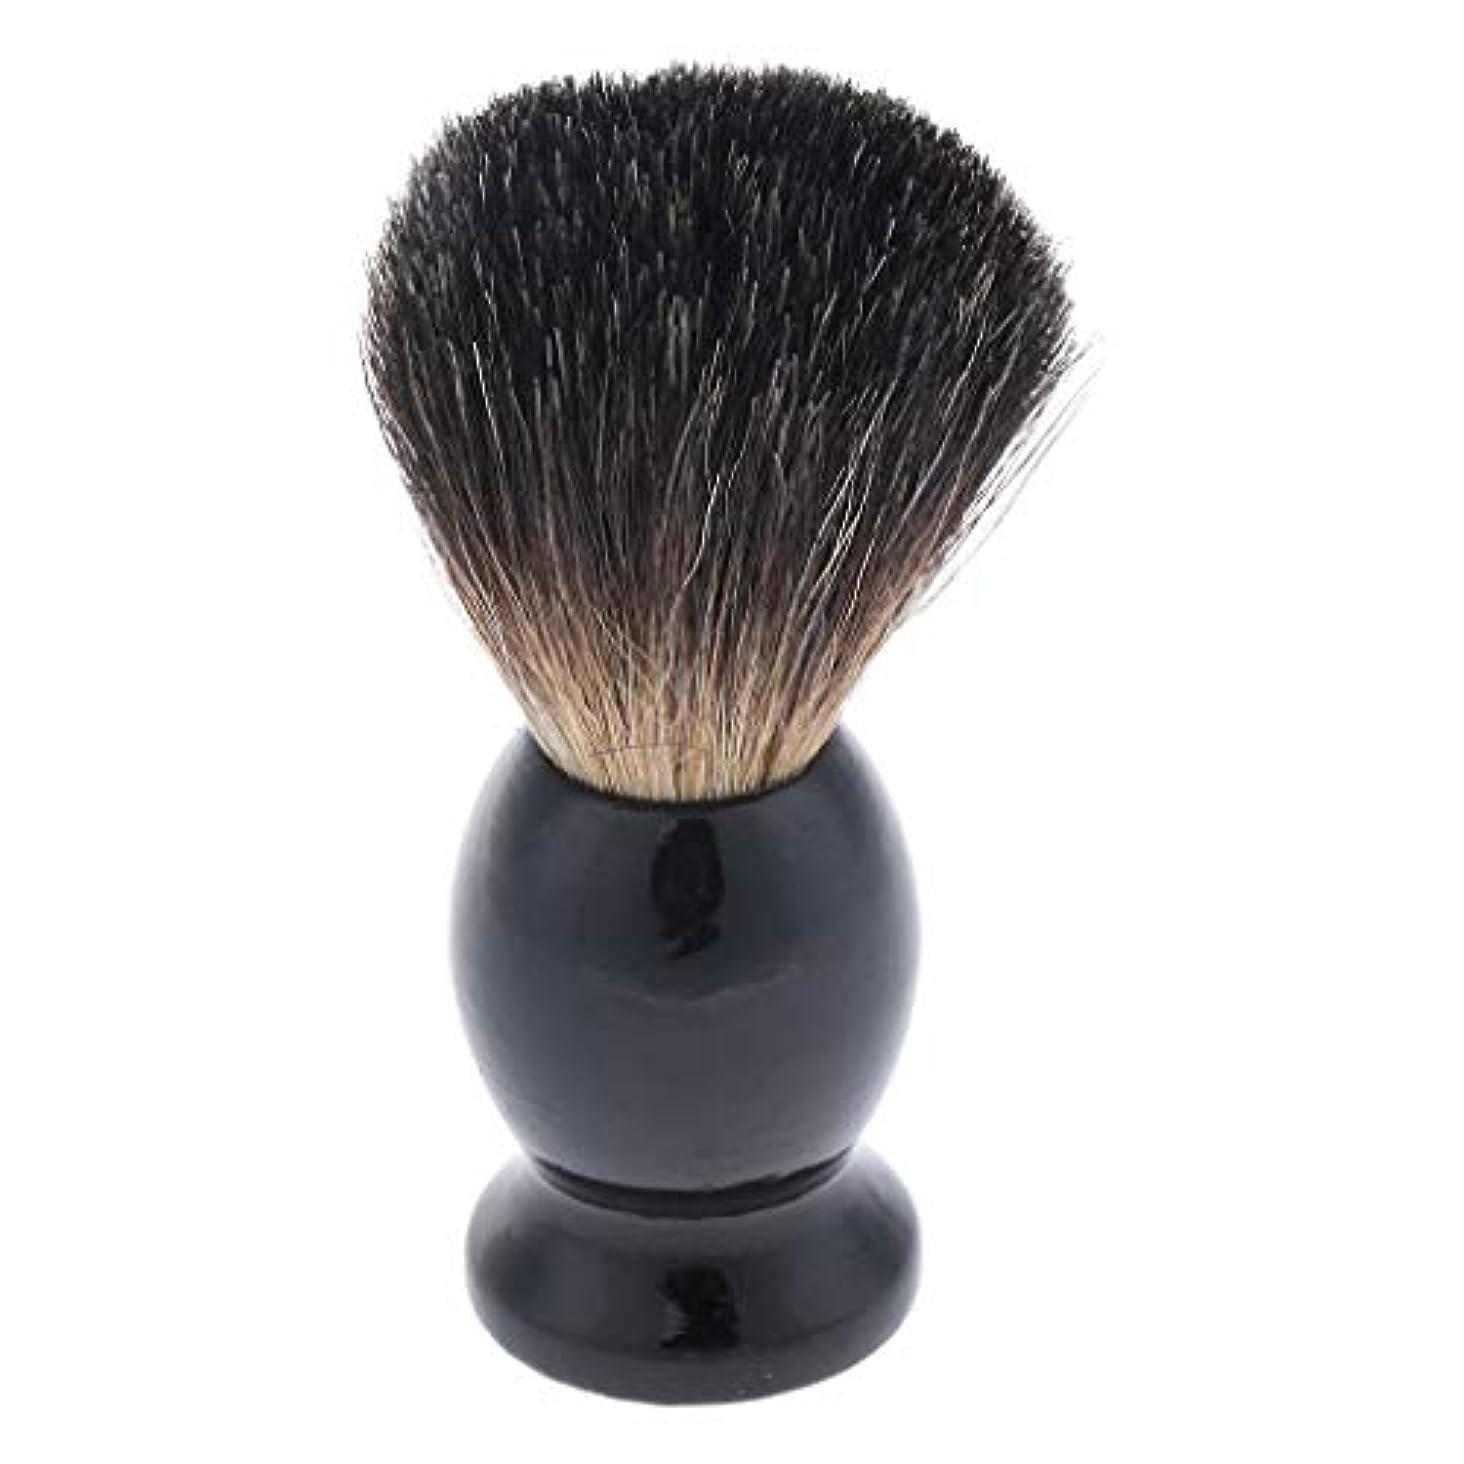 ピアース傘港メンズ ひげブラシ シェービングブラシ ひげ剃りブラシ 木製ハンドル 父 贈り物